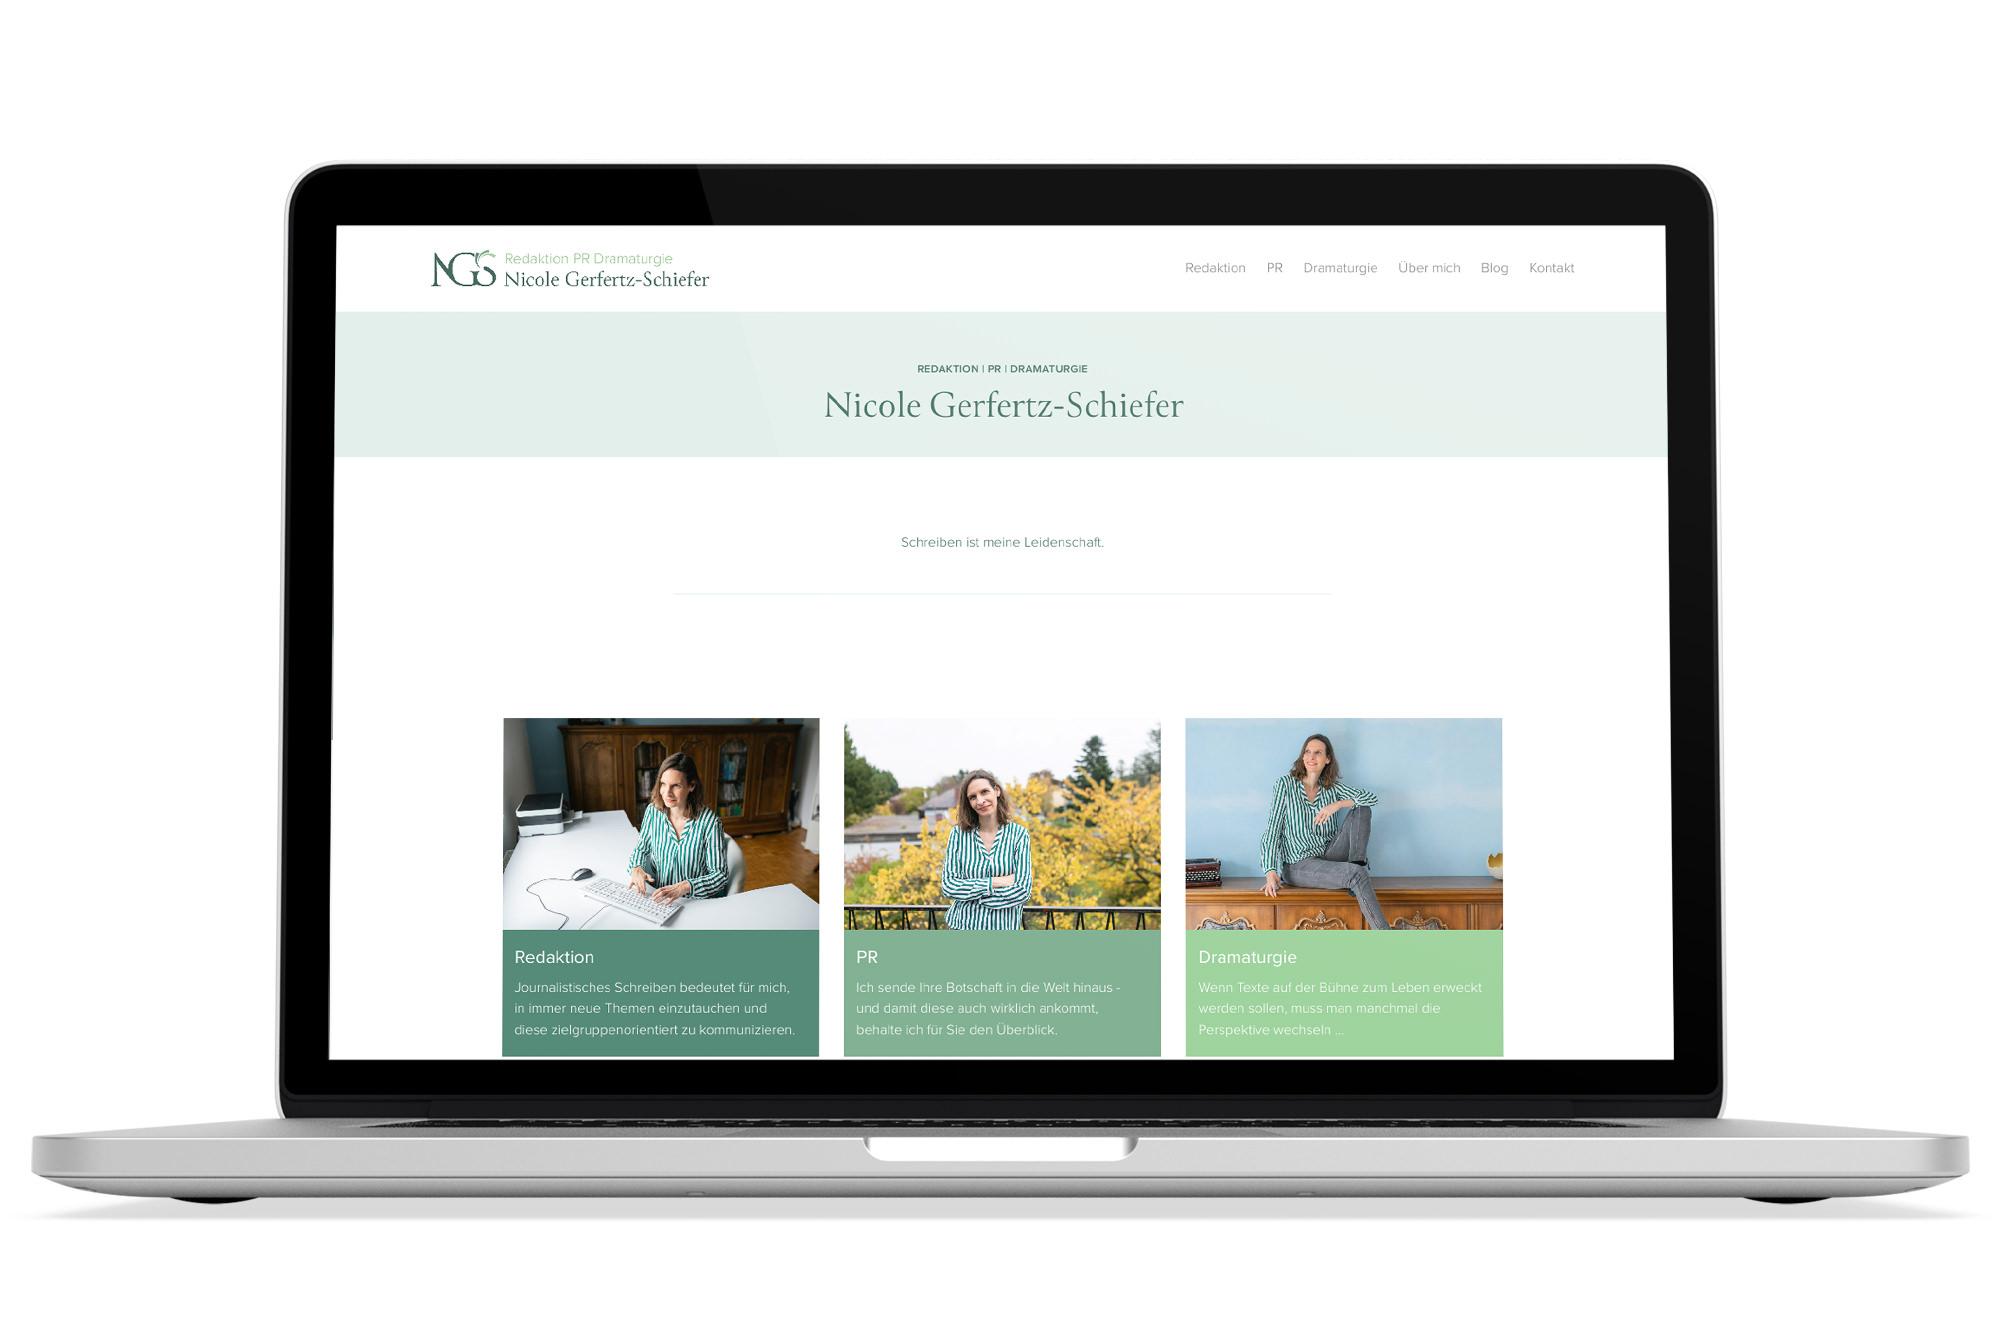 Webdesign Beispiel: Logodesign, Responsive Webdesign für Redaktion | PR | Dramaturgie